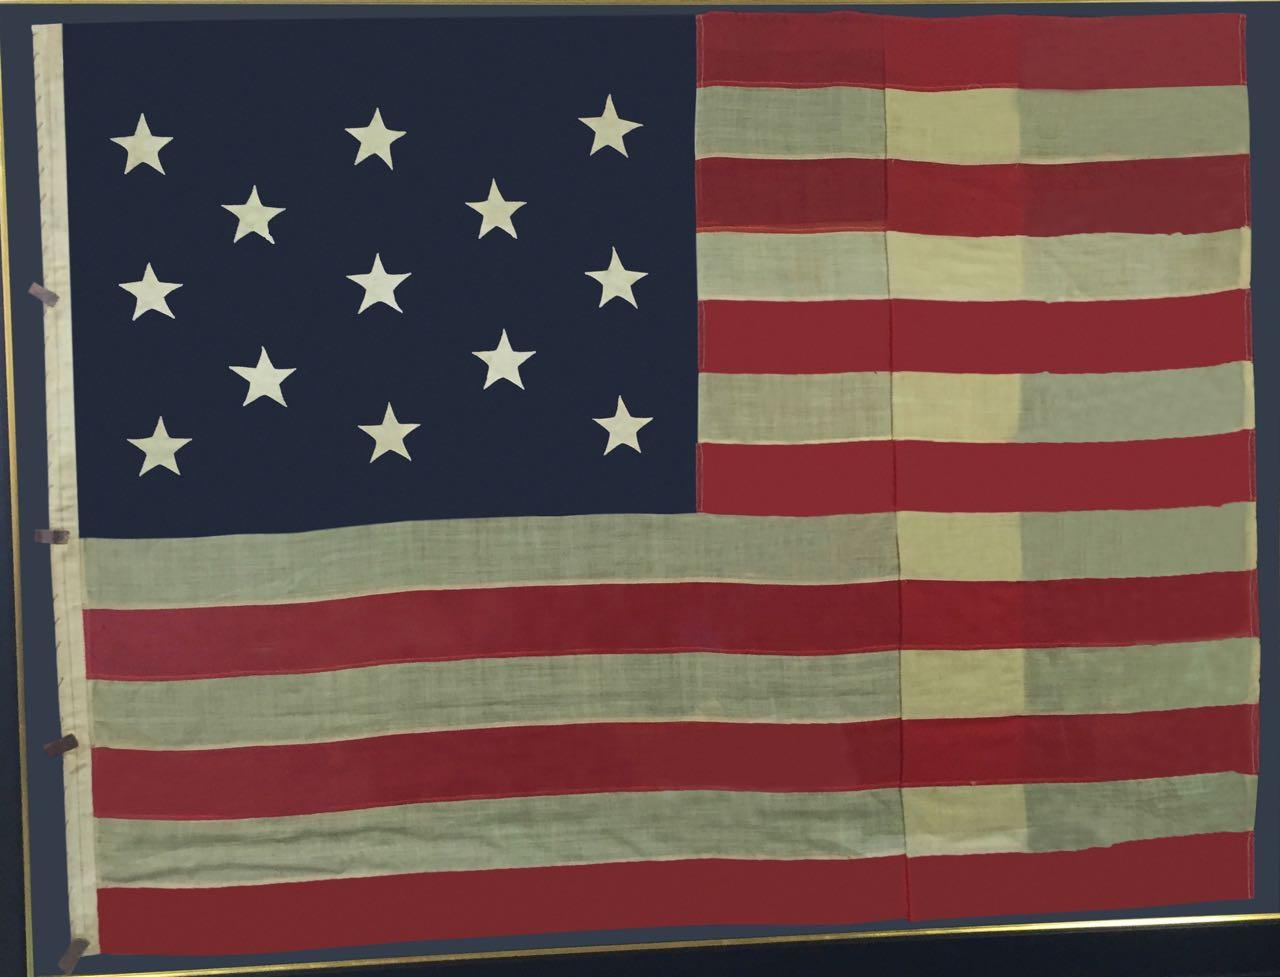 LARGE FRAMED ANTIQUE 13 STAR FLAG IMAGE